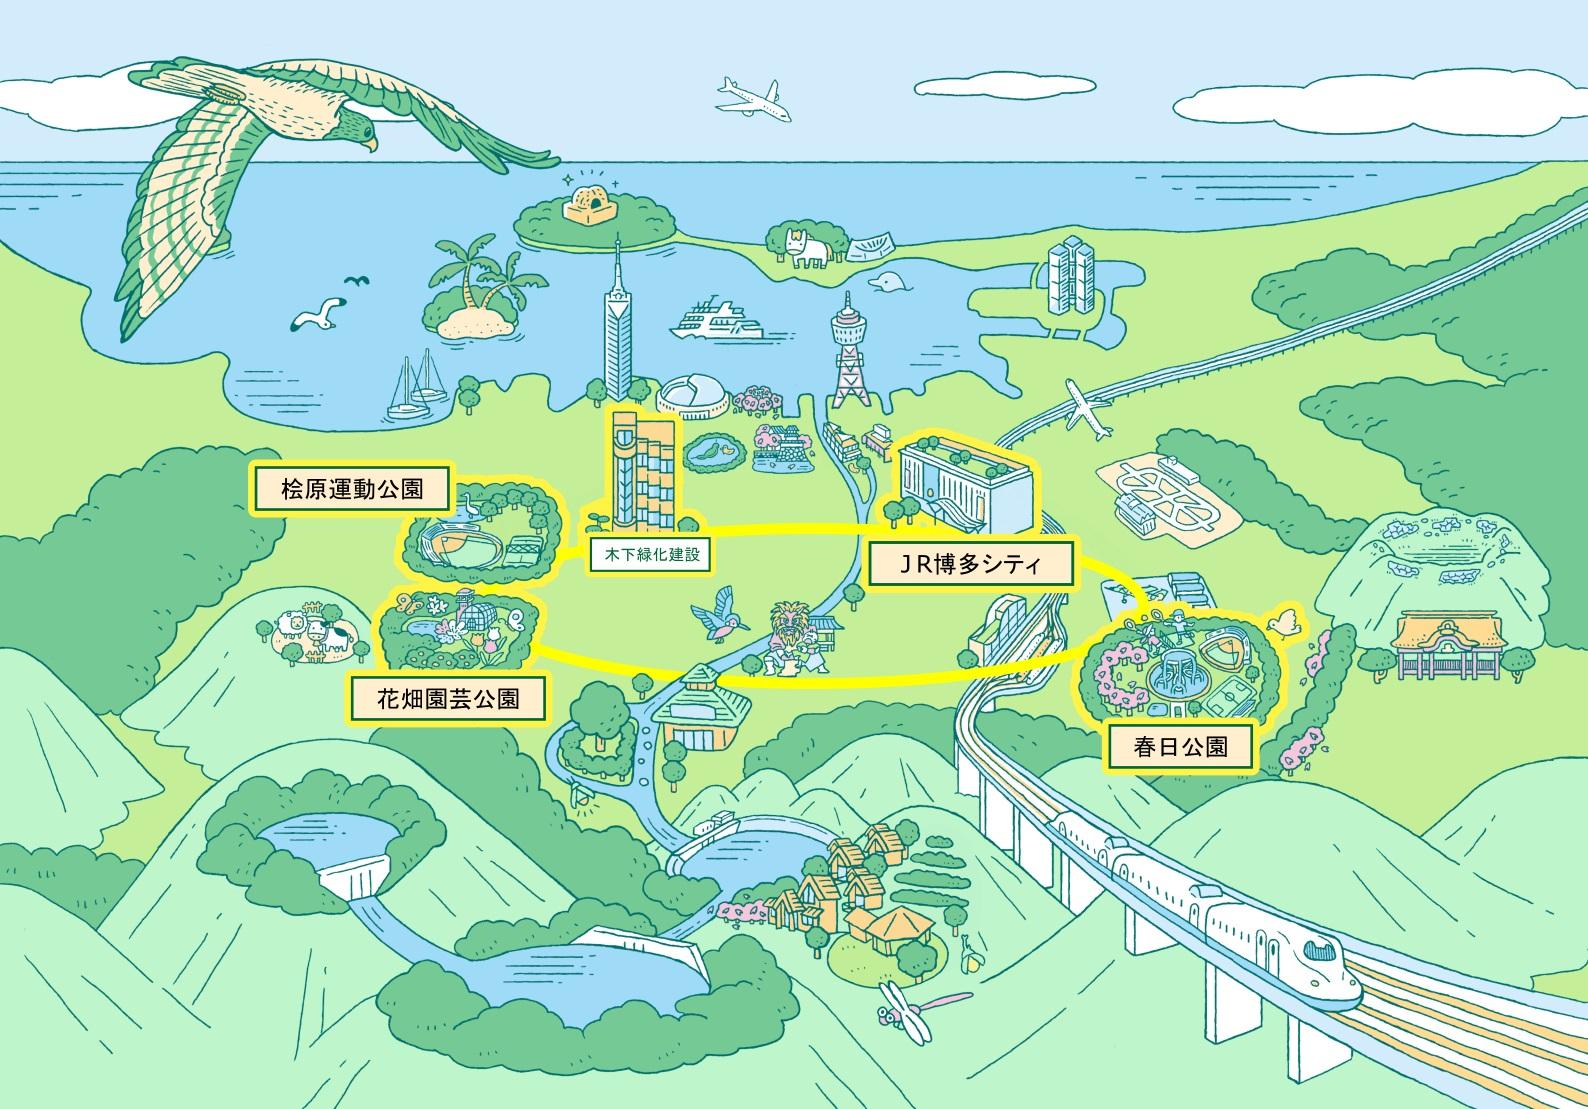 福岡都市圏マップ